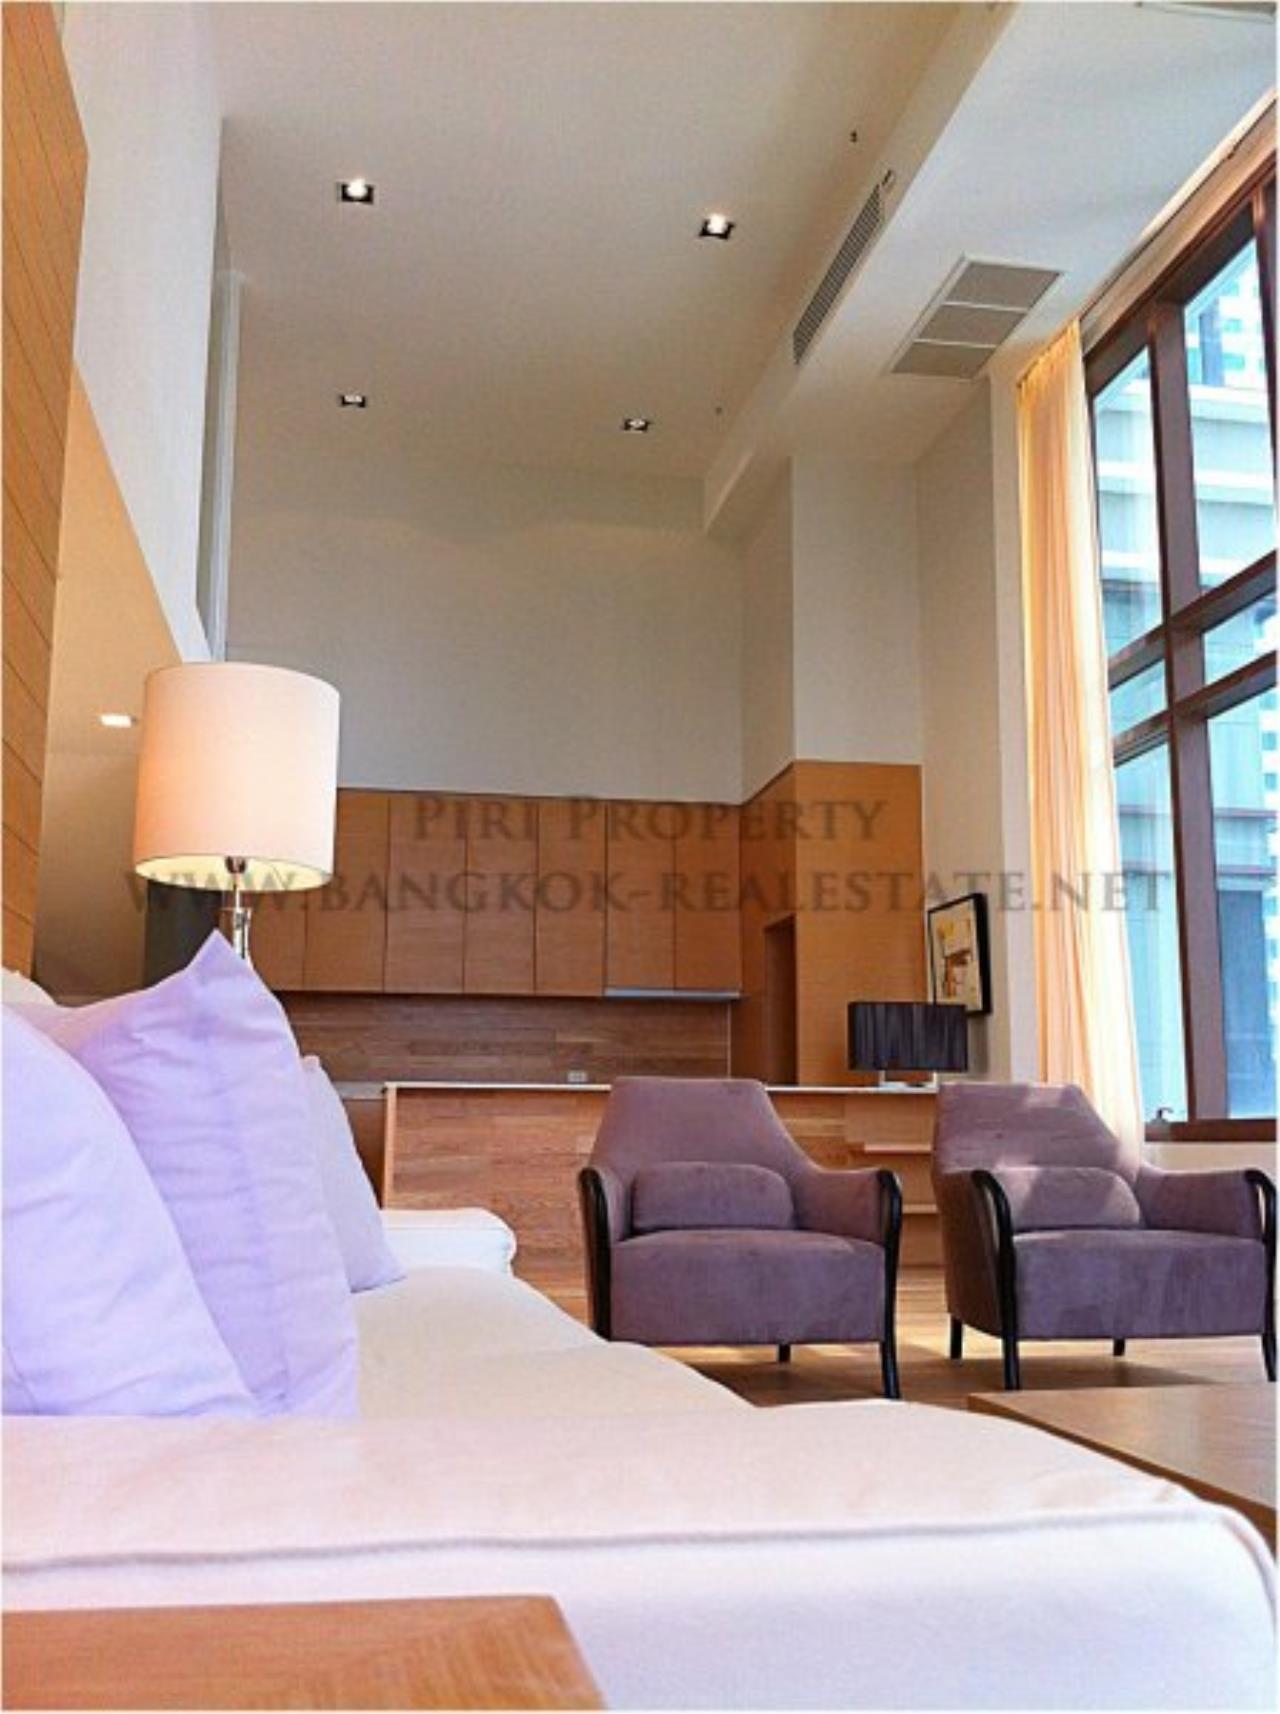 Piri Property Agency's Amazing Duplex Condominium for Rent - Emporio Place 1